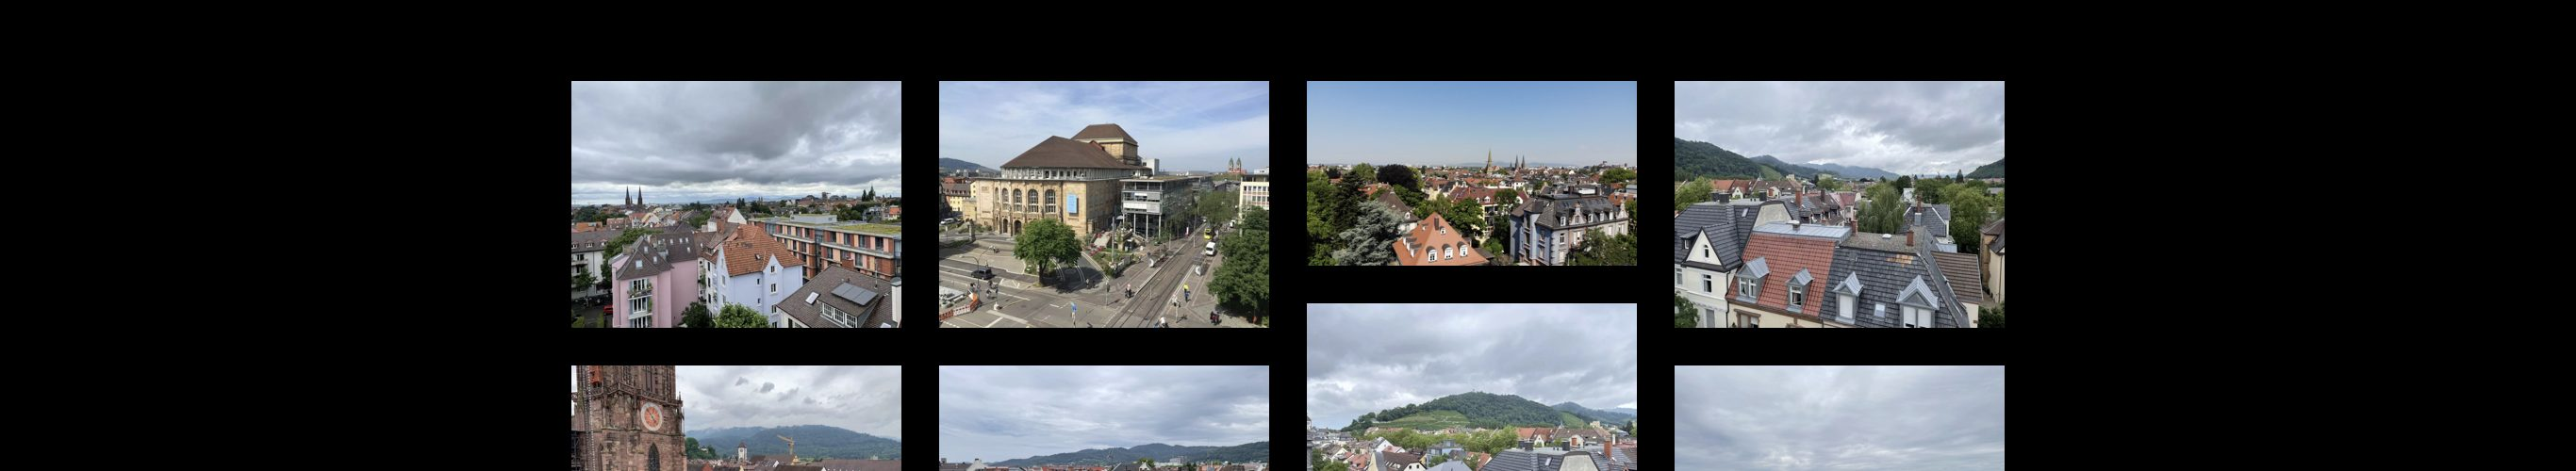 Webseite Freiburg von oben